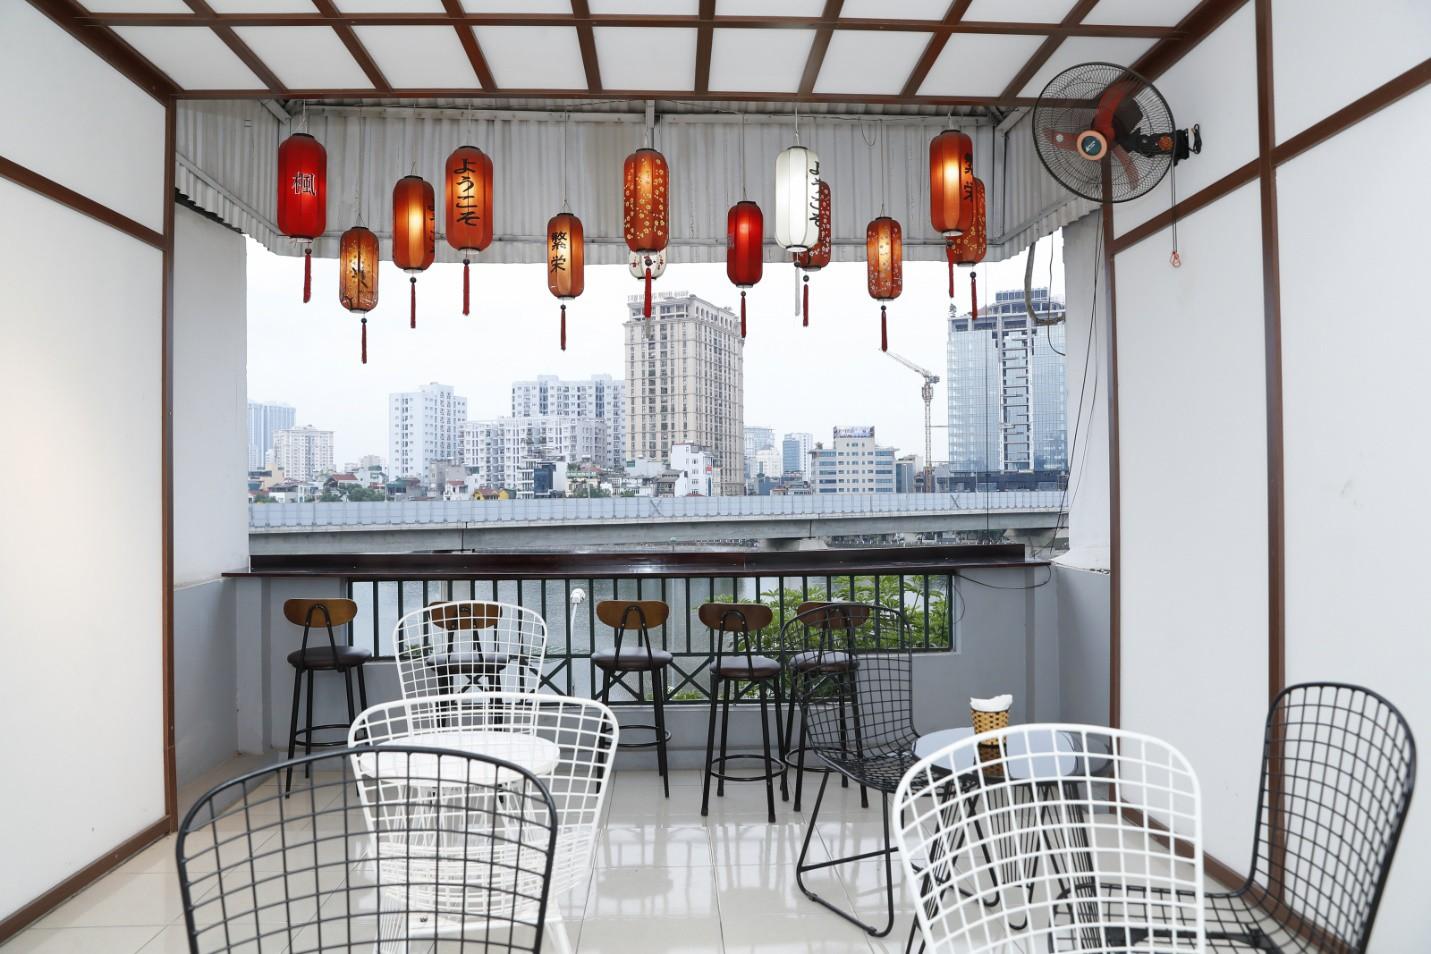 Hoàng Dũng The Voice, Dương Trần Nghĩa và FatB quẩy tưng bừng tại Kira Coffee & Lounge - Ảnh 2.